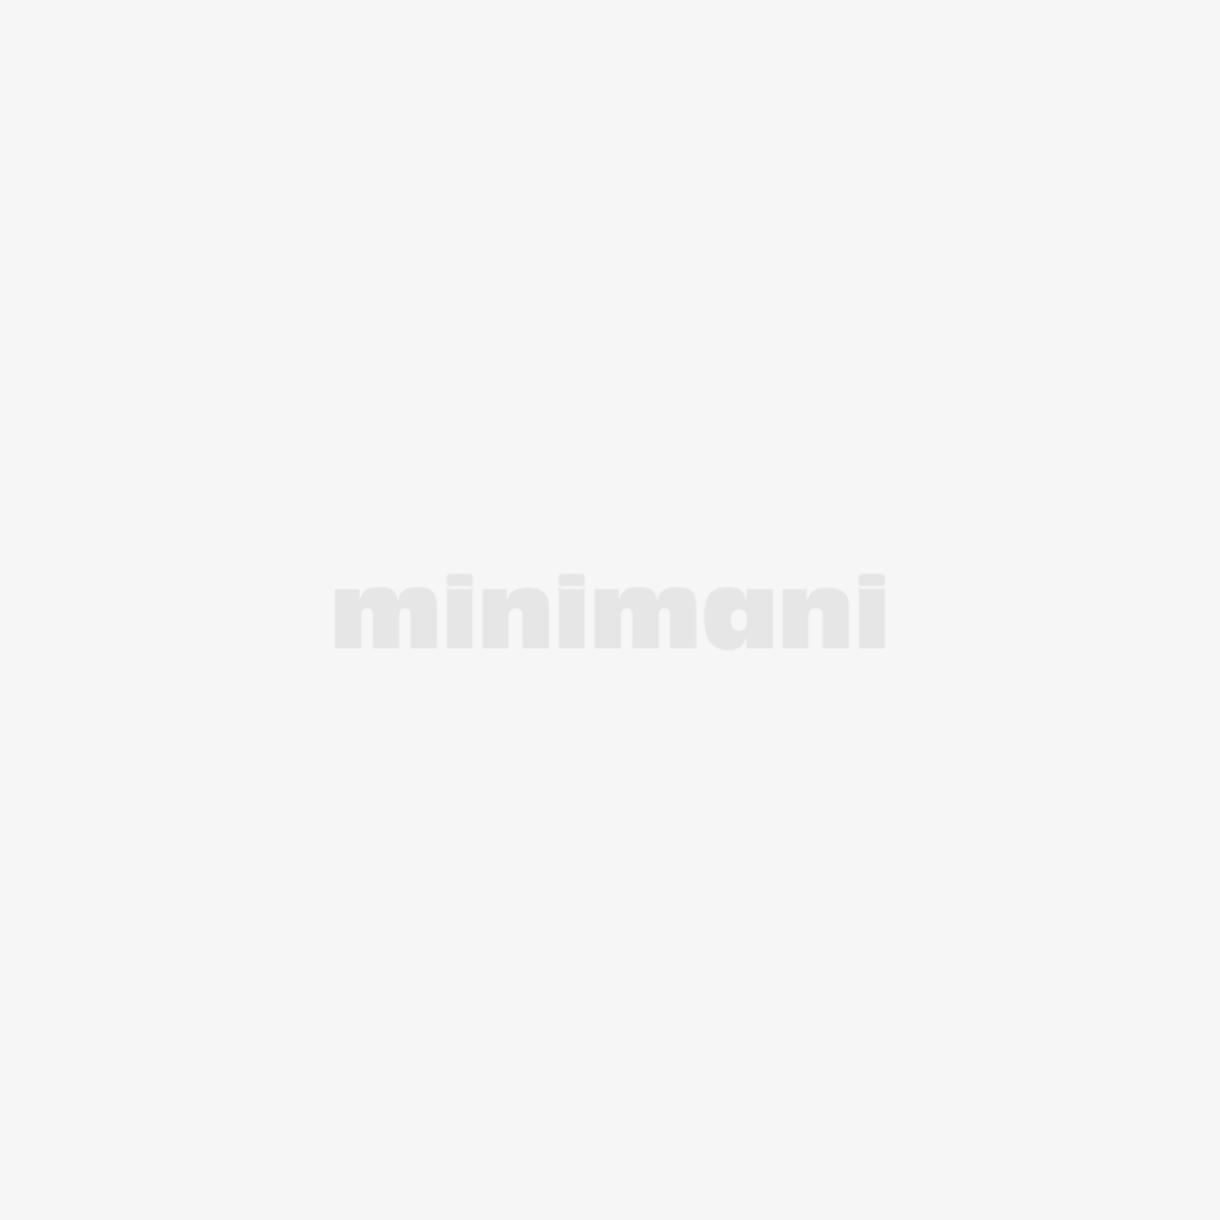 RIIMUNVARSI, SALMIAKKI RUSKEA/BEIGE, HORSE COMFORT